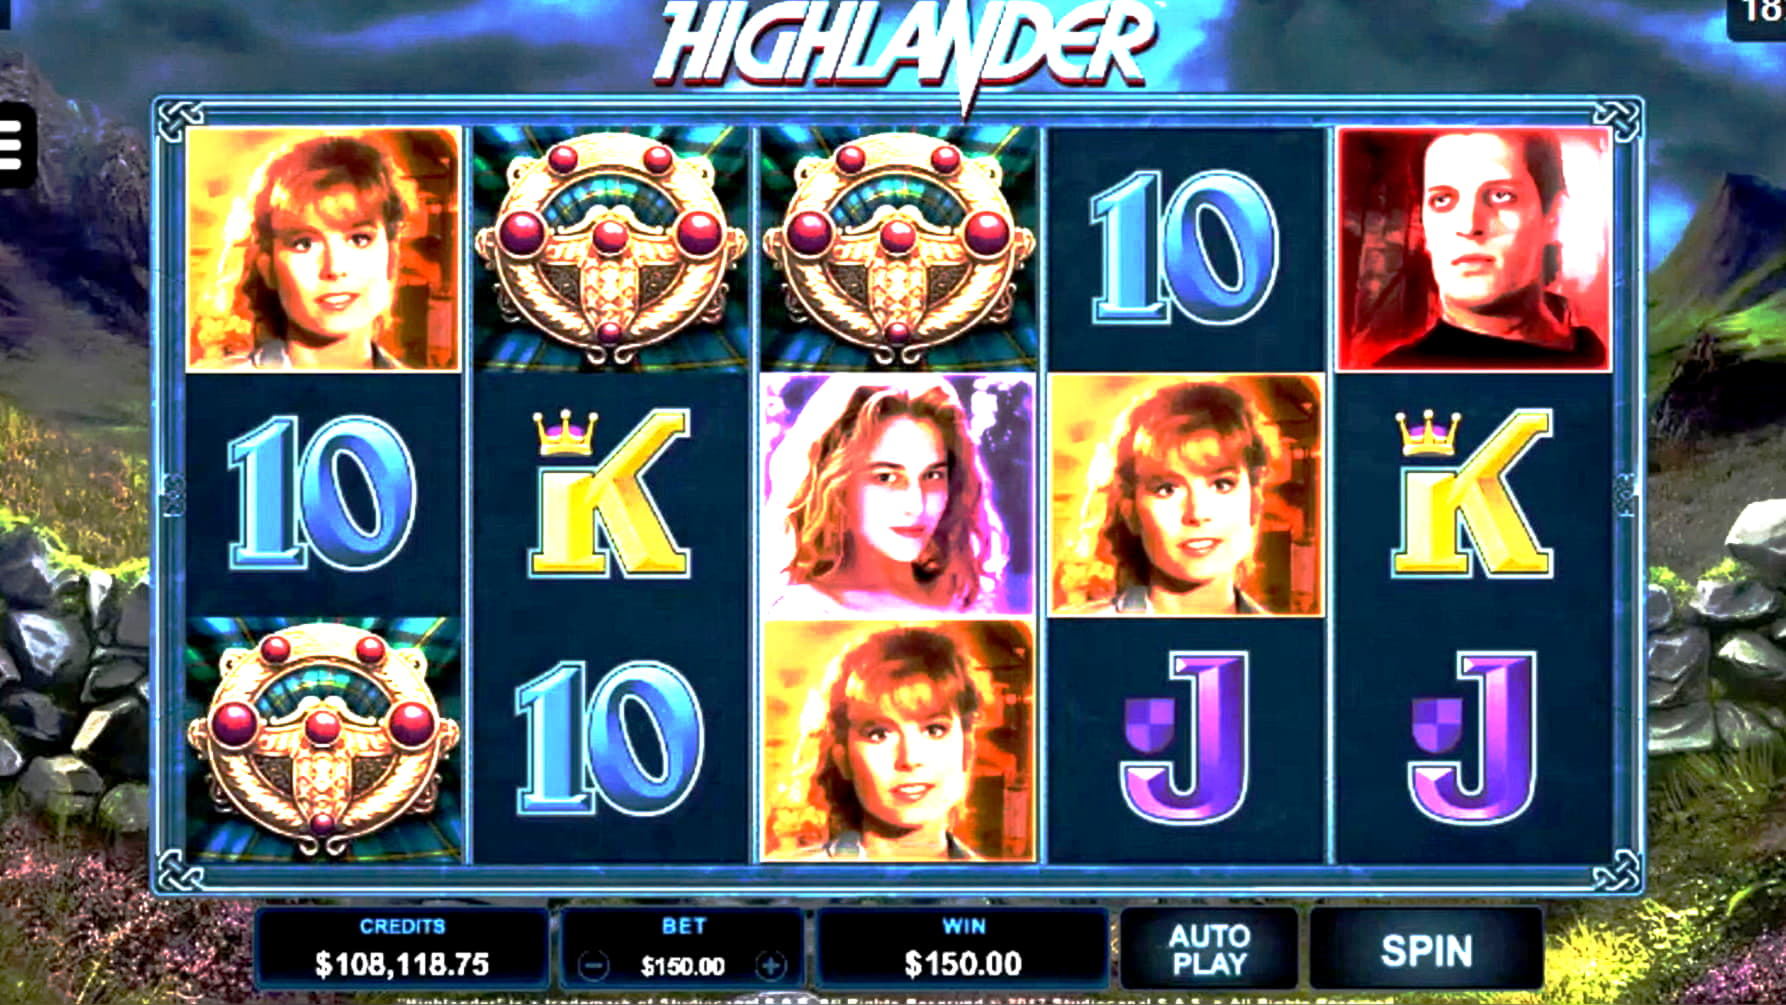 Casino heroes Wacky Waters sunset